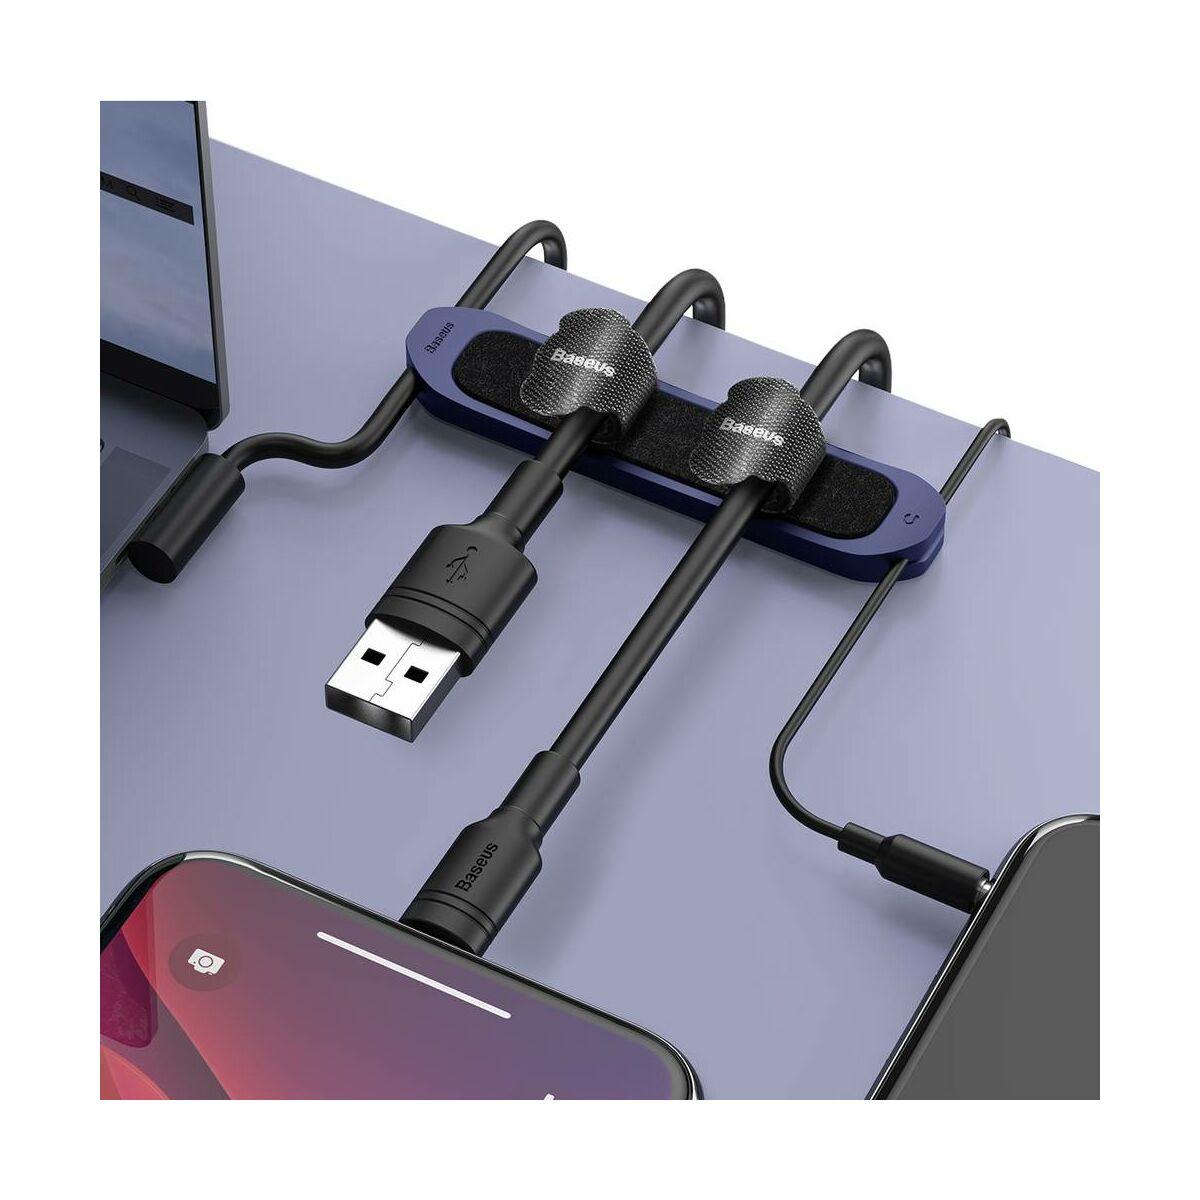 Baseus kiegészítő kábel kötegelő rendező Kaka Fixer szett (Velcro csíkok 5db / szín, fekete-piros-sárga a csomagban), kék (TZACGX-03)